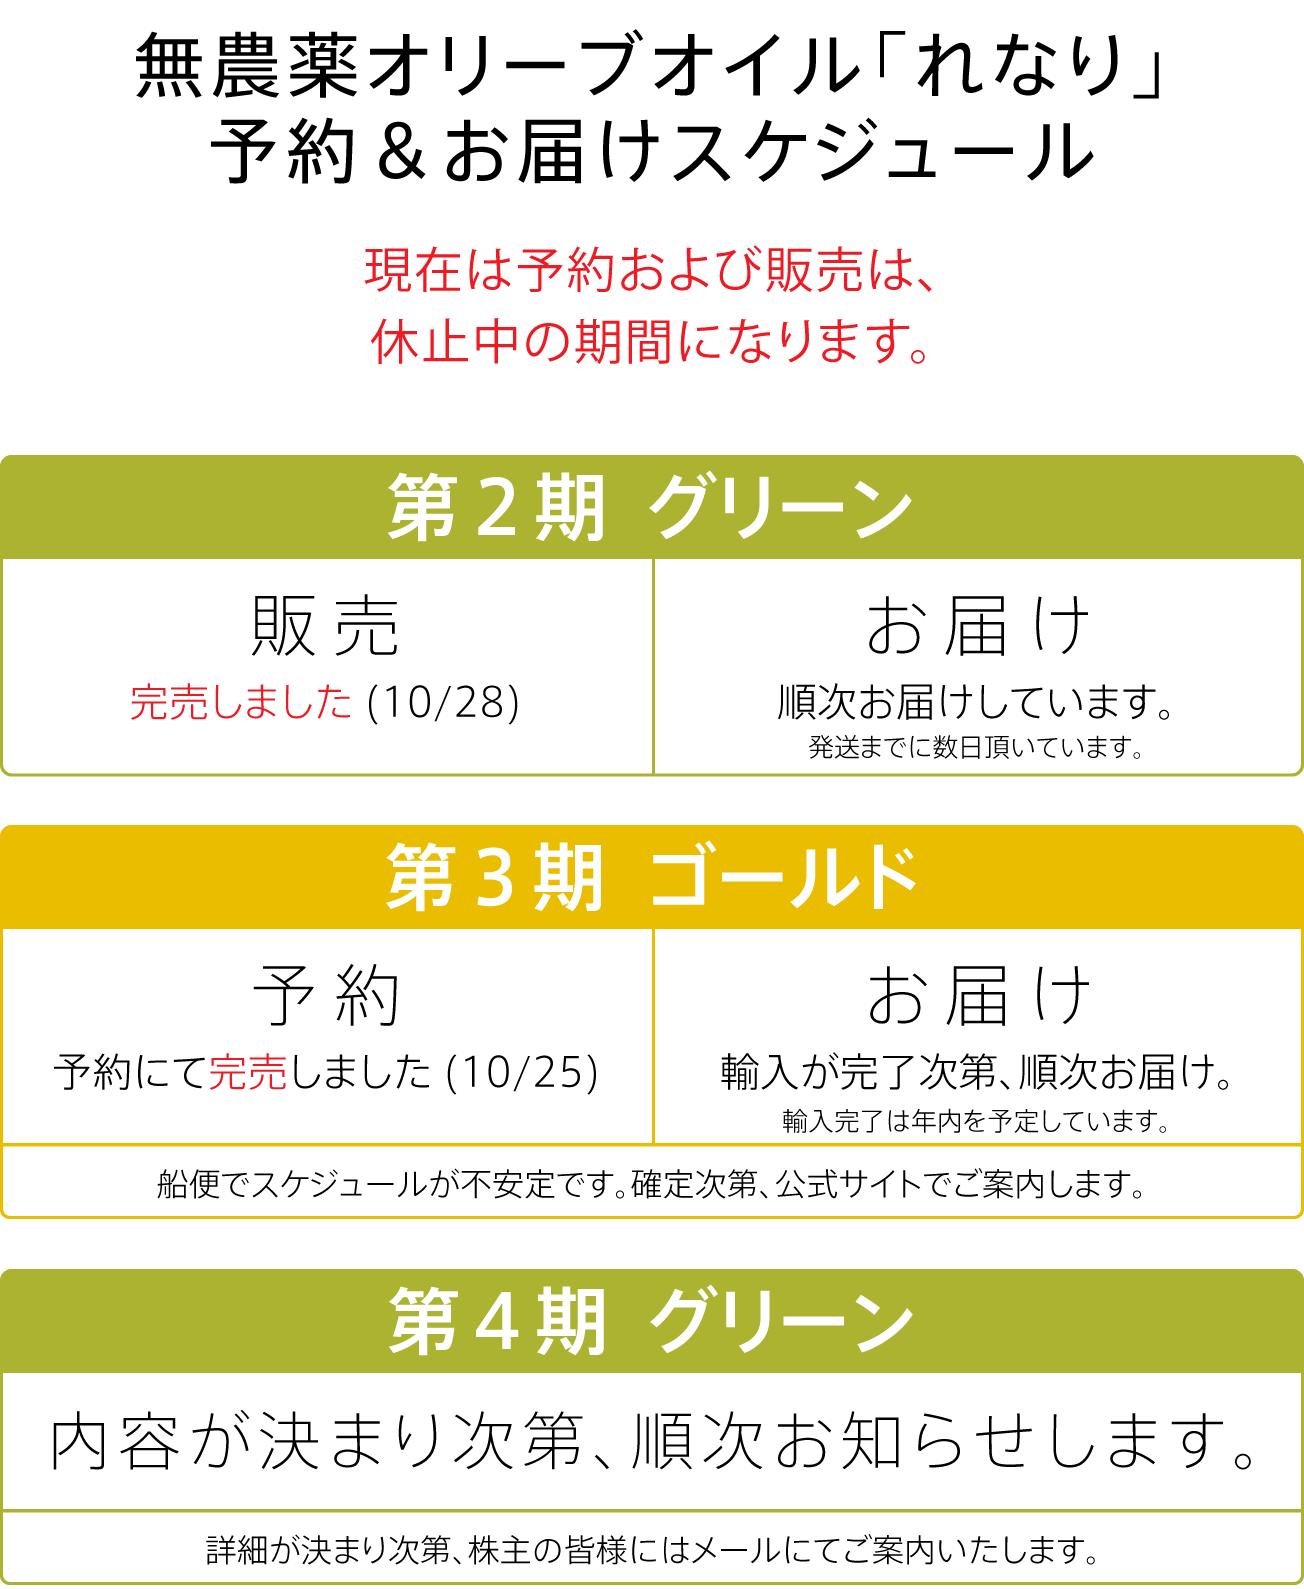 第2期グリーン:完売、第3期ゴールド:予約にて完売、第4期ゴールド:2019年1〜2月輸入予定、受付開始次第ご案内